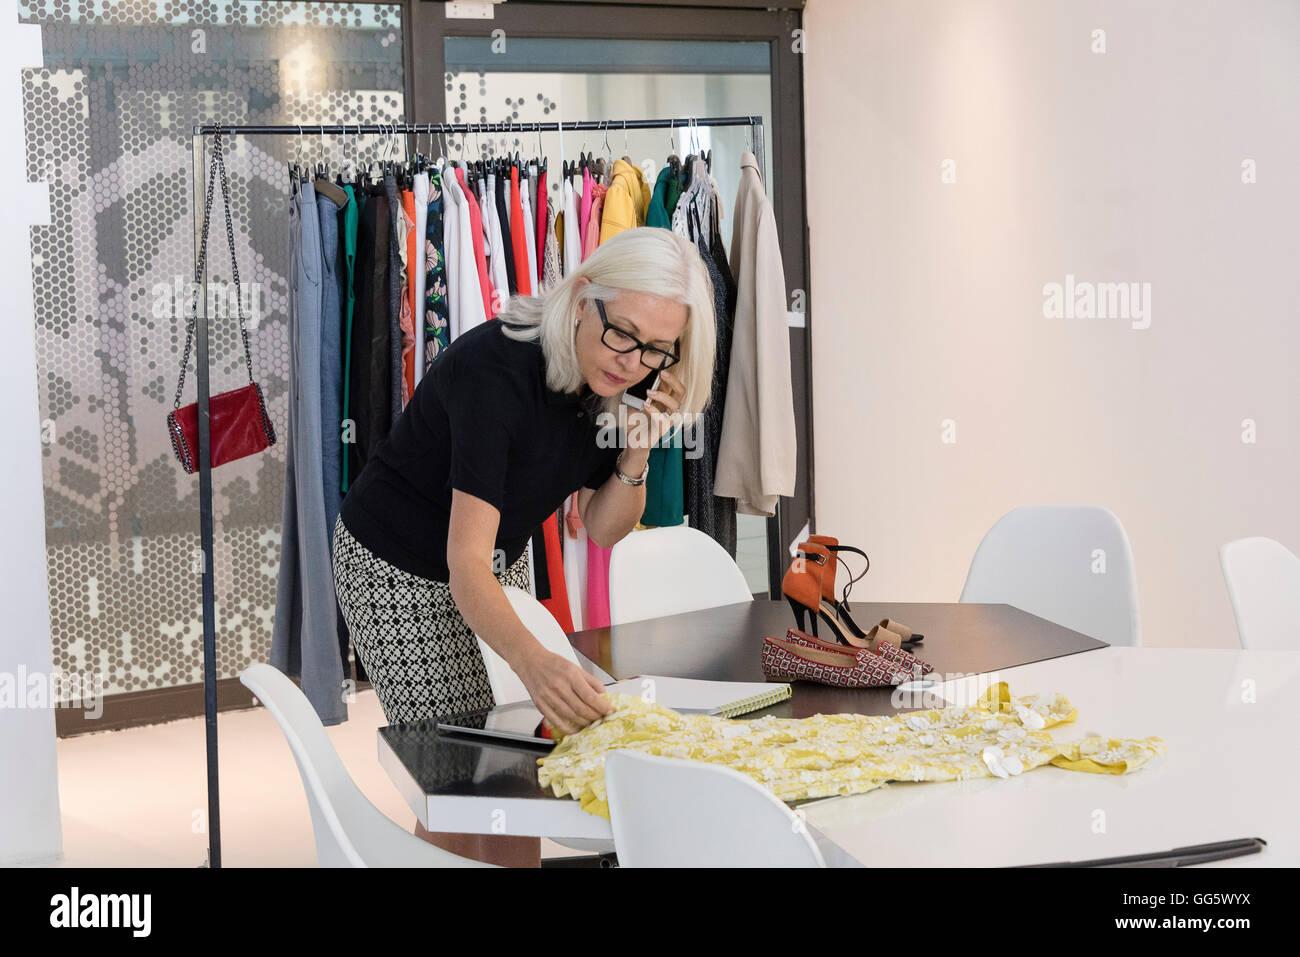 Diseñador de moda trabajando en su studio Imagen De Stock